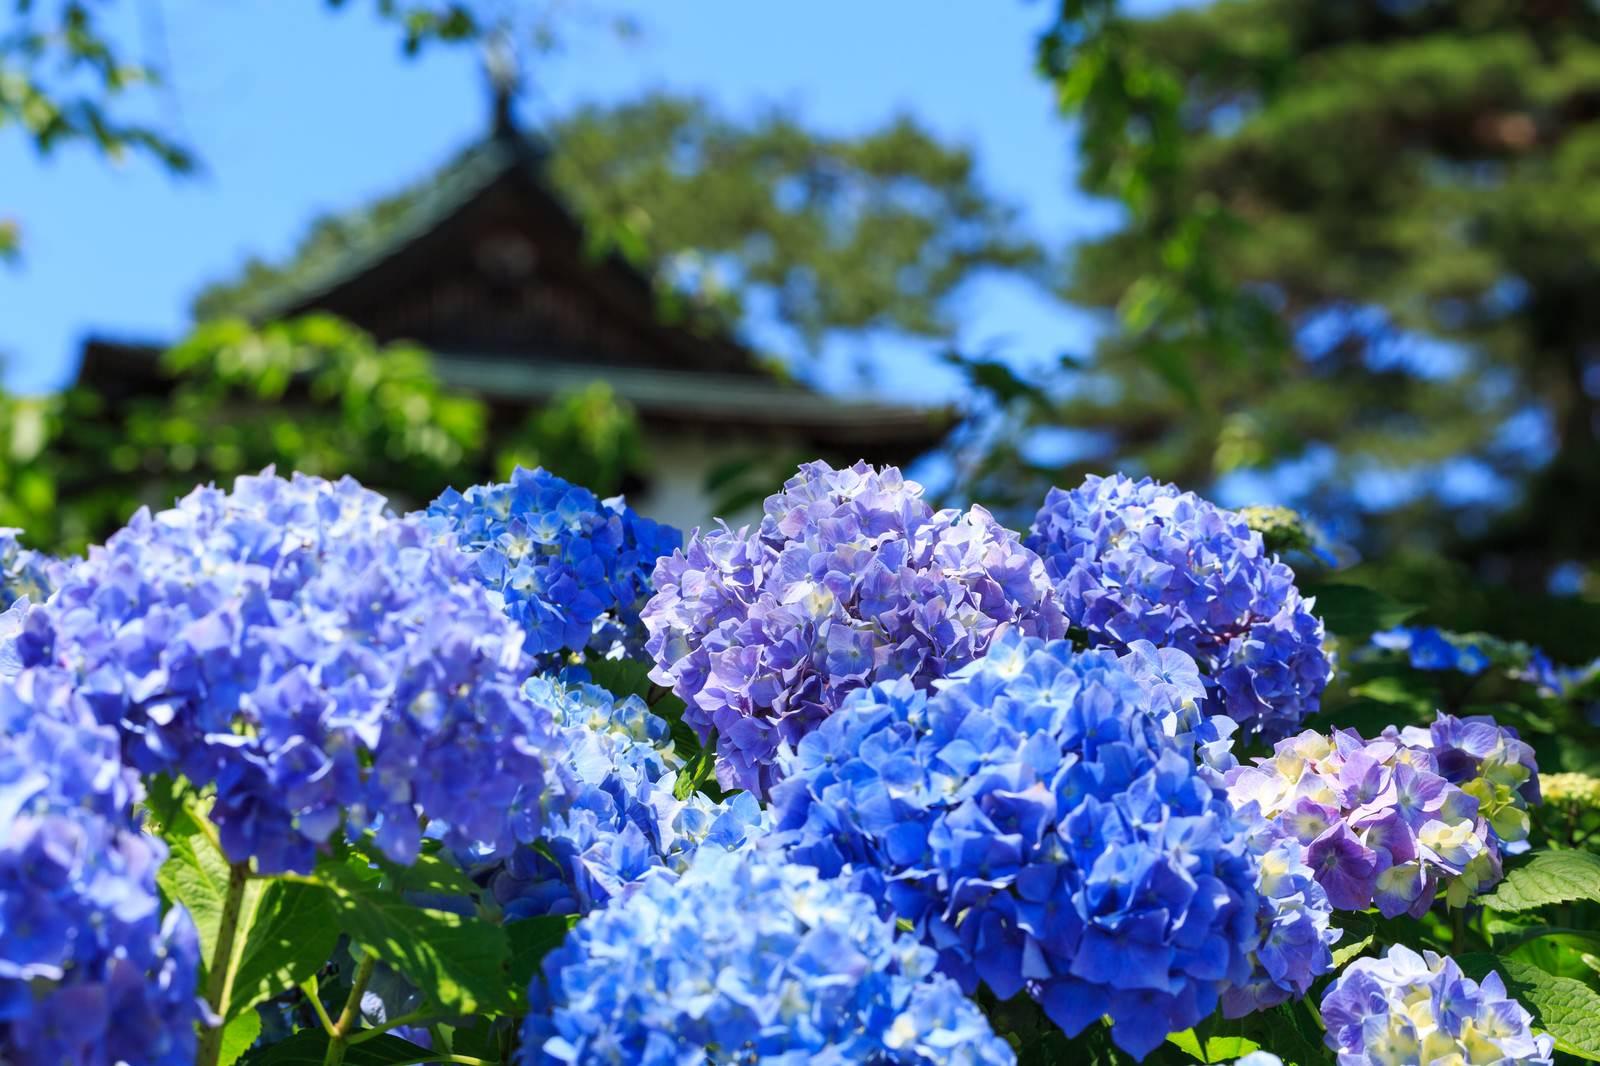 「晴れた日の紫陽花の花晴れた日の紫陽花の花」のフリー写真素材を拡大